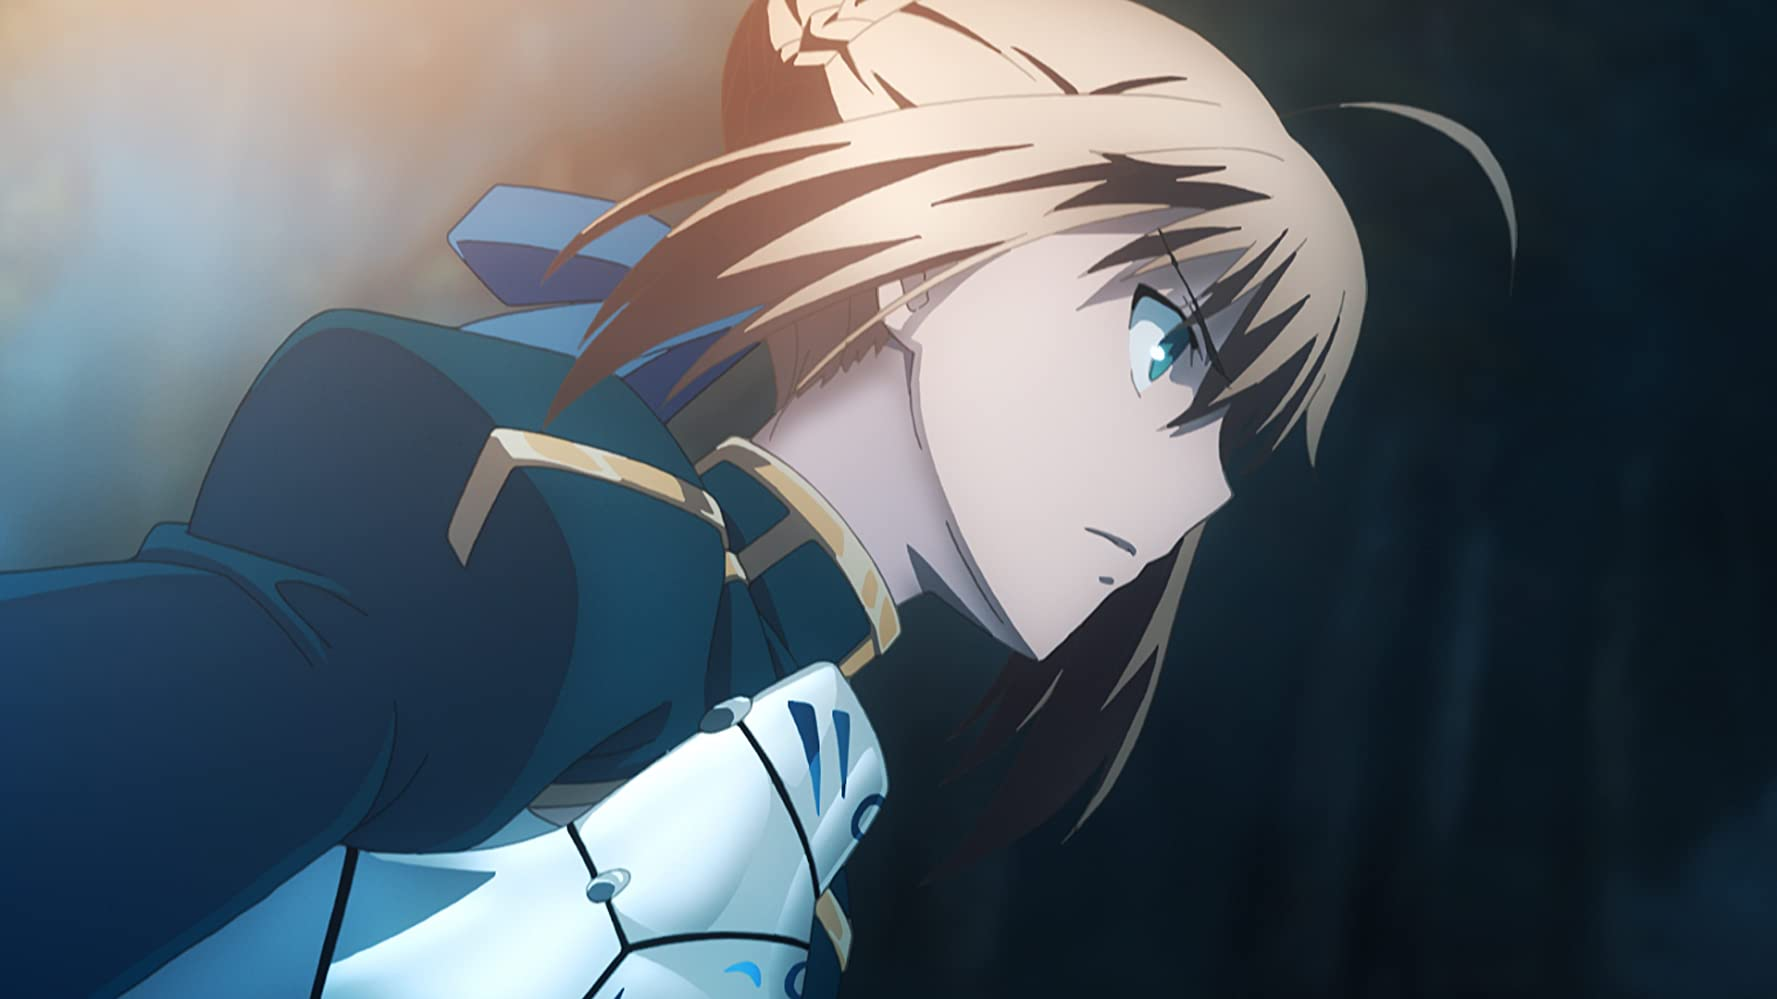 Gekijouban Fate/Stay Night: Heaven's Feel - I  Presage